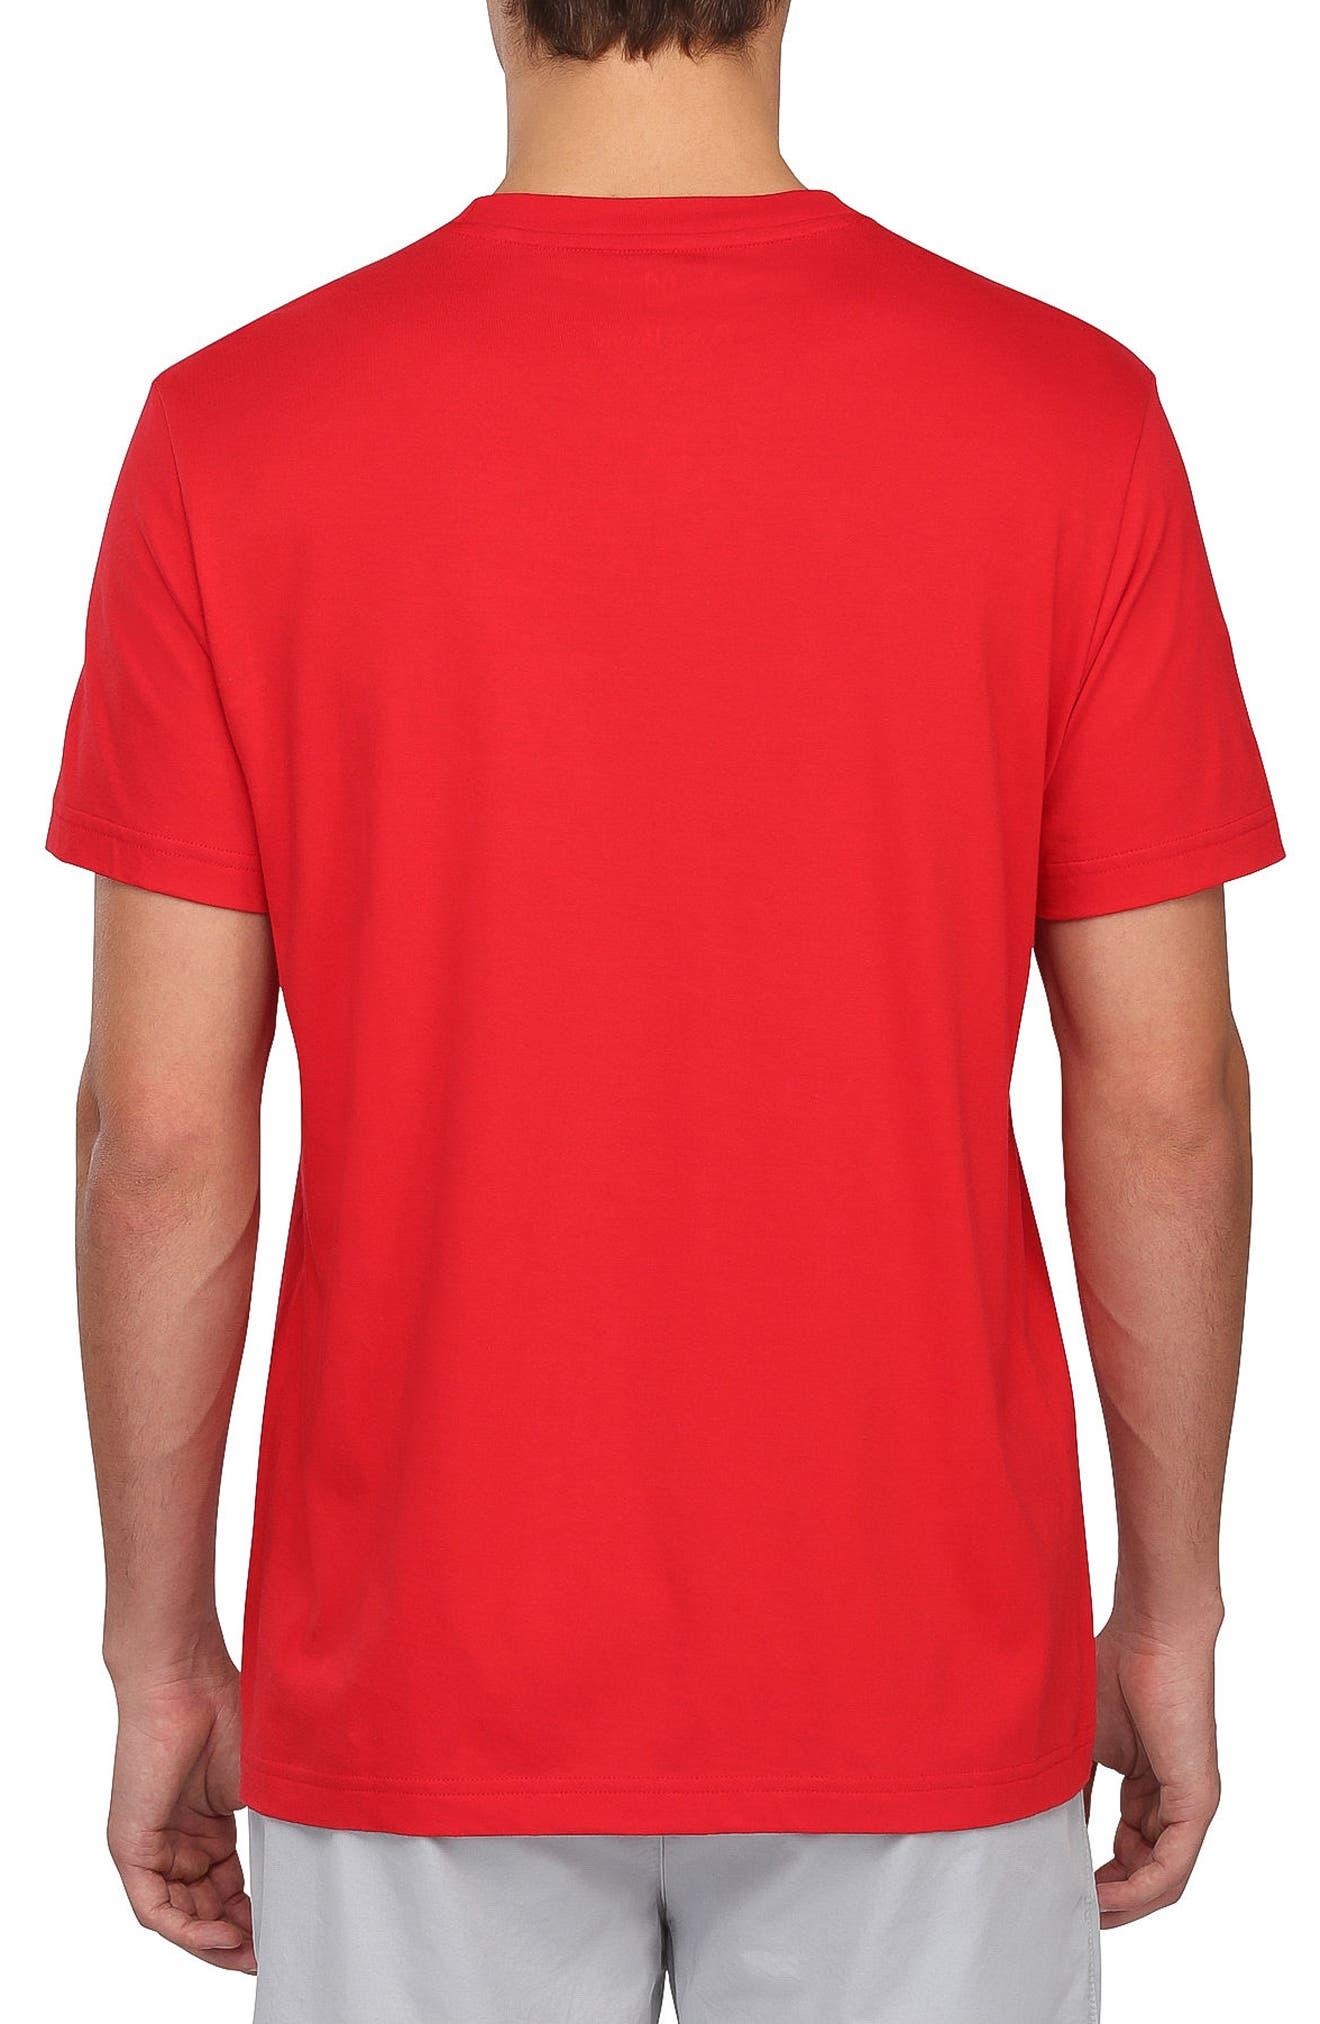 Legend Graphic T-Shirt,                             Alternate thumbnail 2, color,